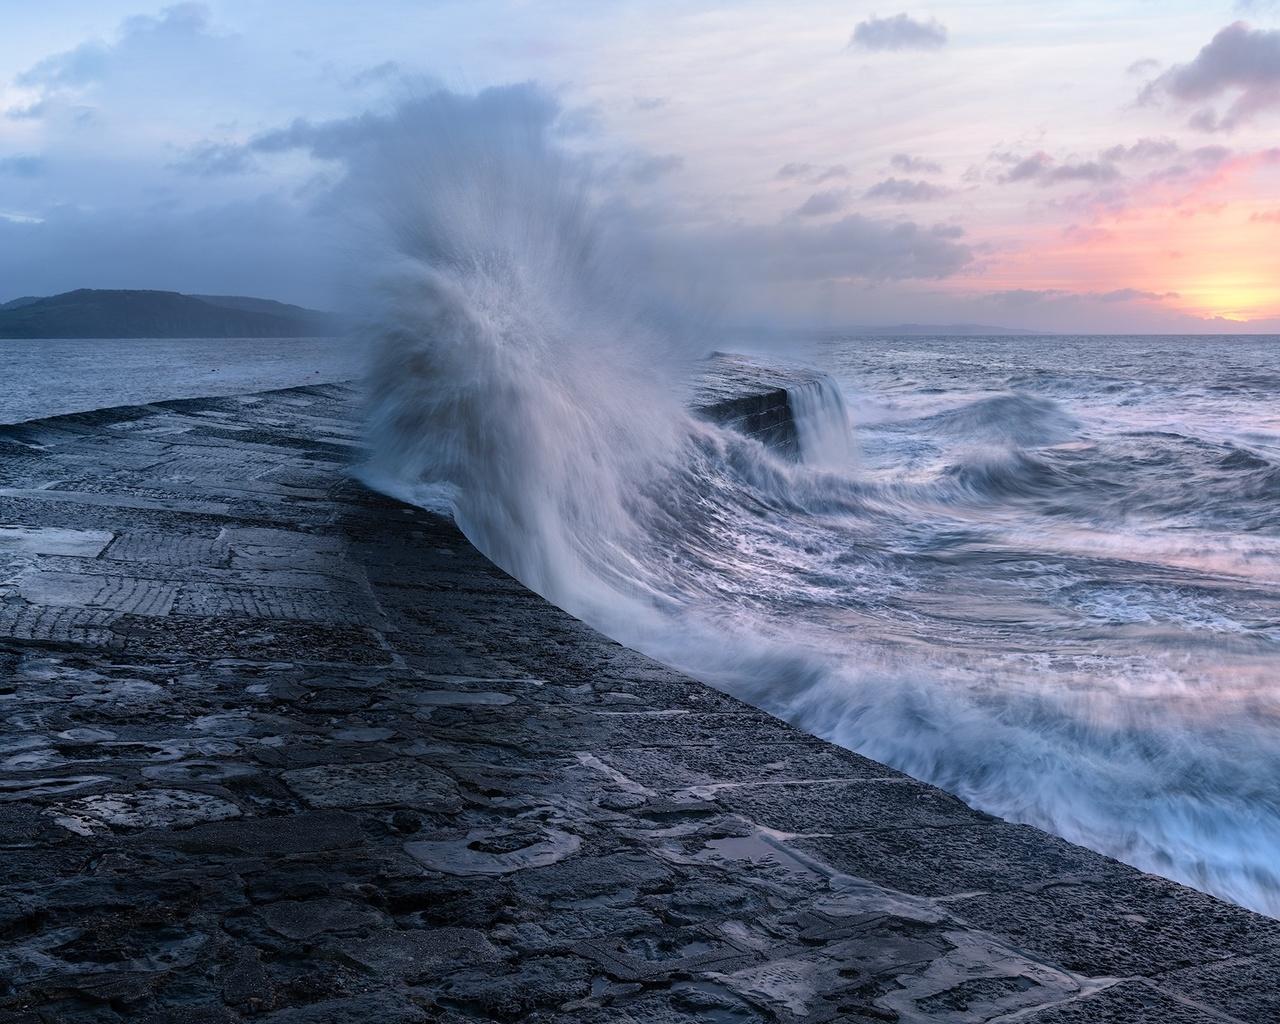 шторм, закат, волны, брызги